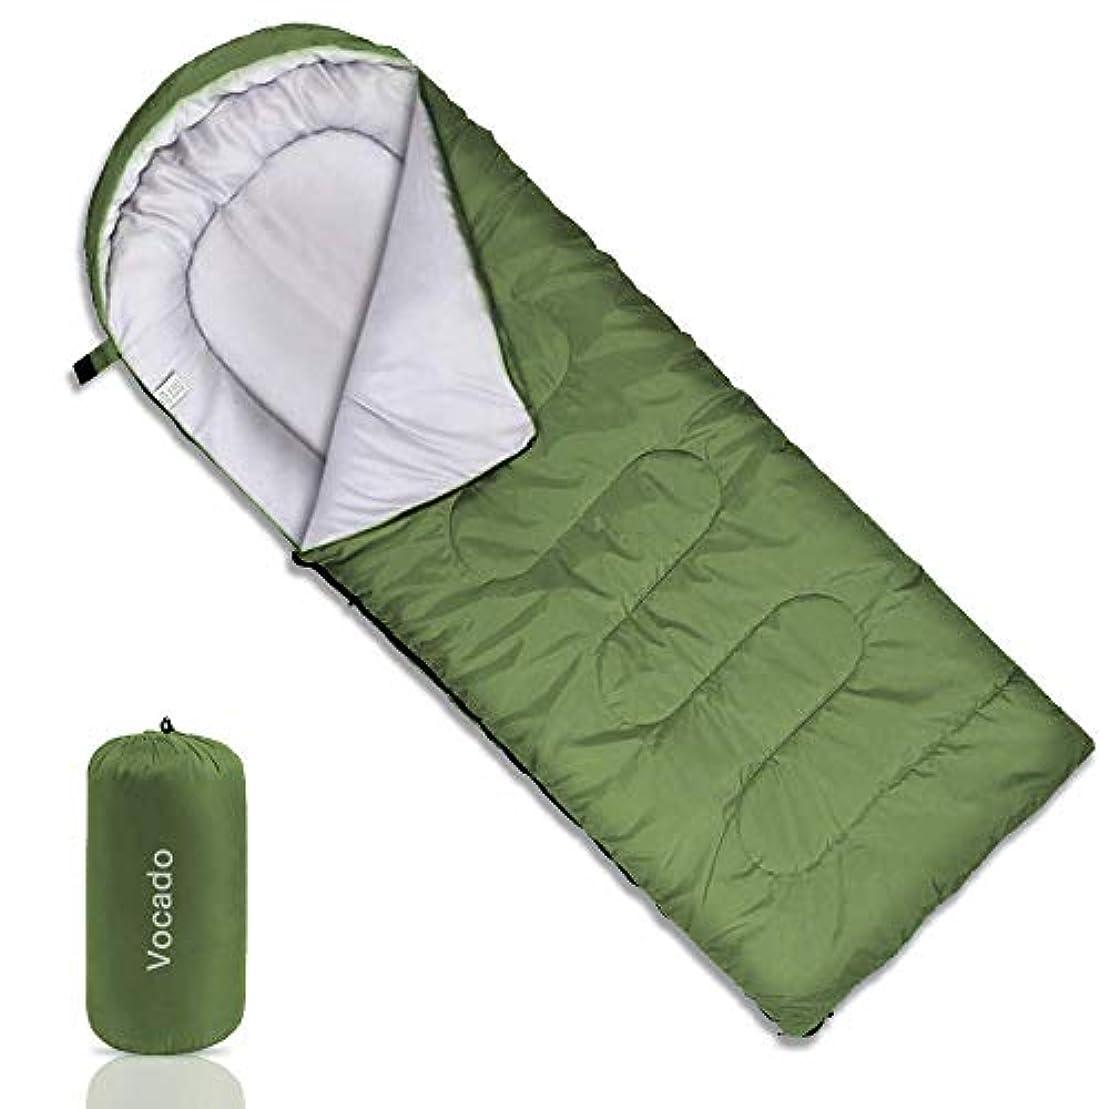 検索エンジンマーケティング称賛シュガーVocado sleeping bag(寝袋), Double Envelope sleeping bag(寝袋), Indoor & Outdoor Use, Portable, Lightweight and Compact sleeping bag(寝袋)s for Kids, Adults, Teens,3-4 Seasons Camping, Hiking, Traveling, Backpacking [並行輸入品]